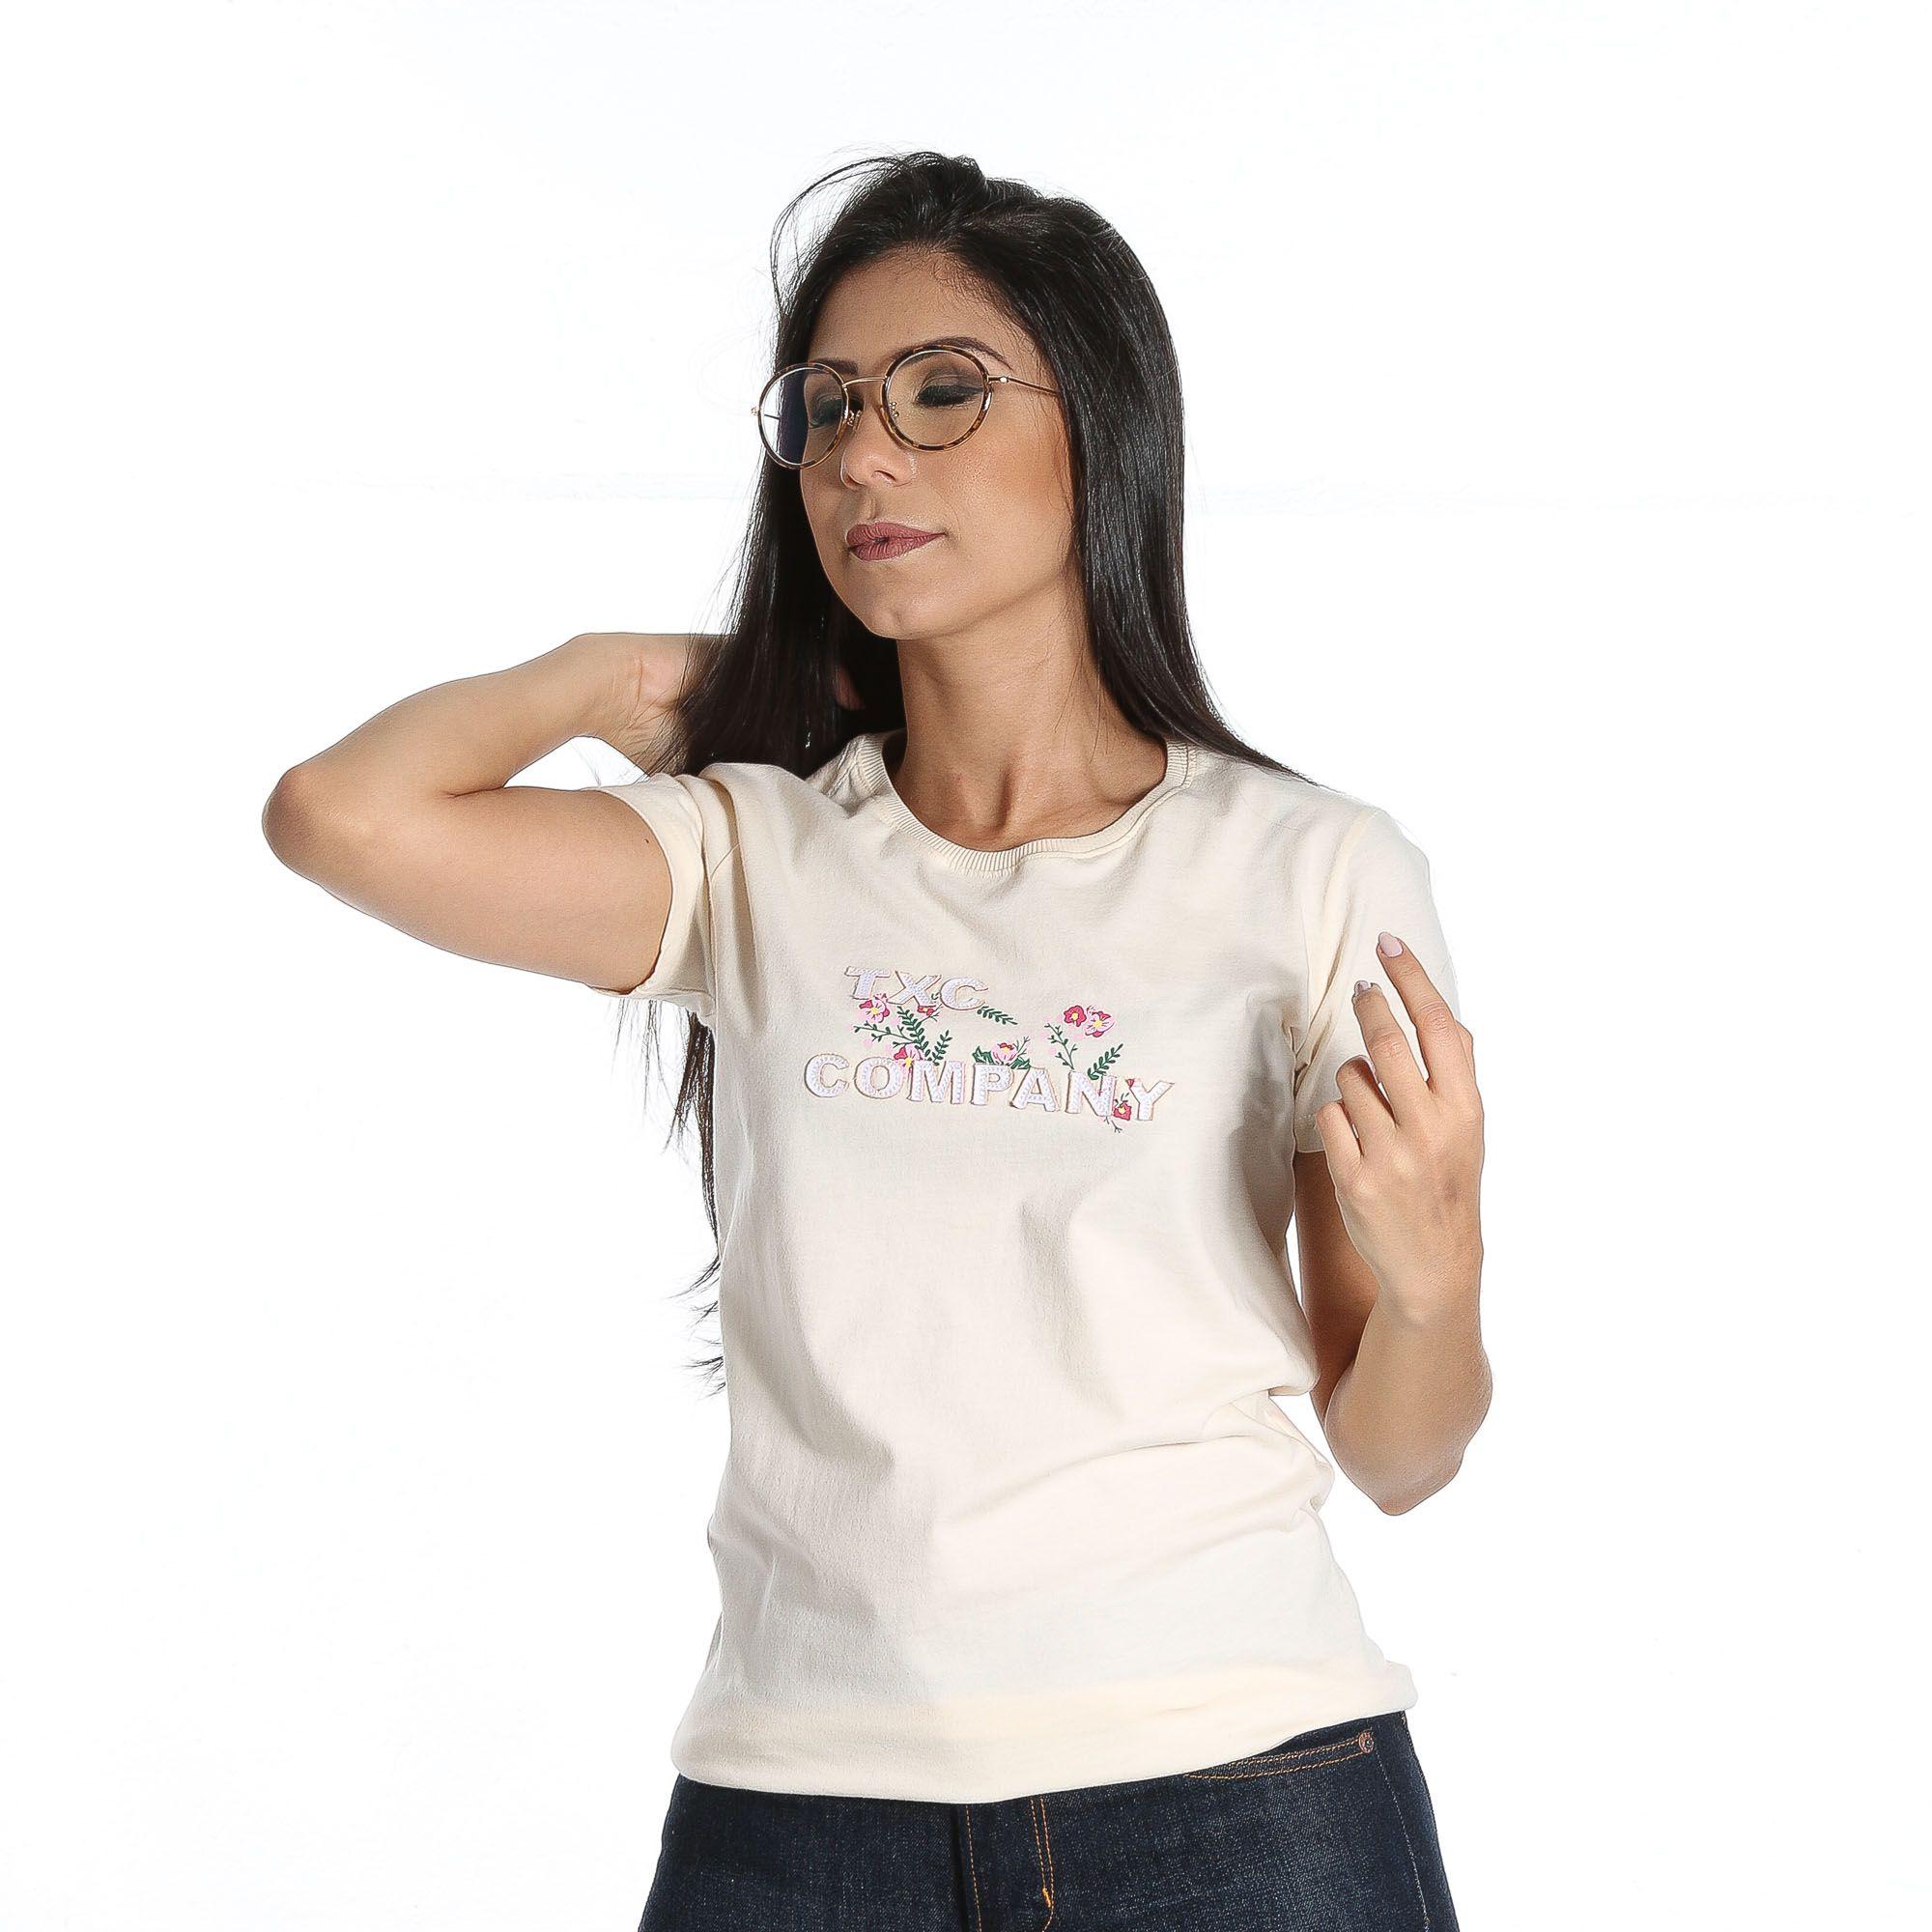 Camiseta Feminina TXC 4172